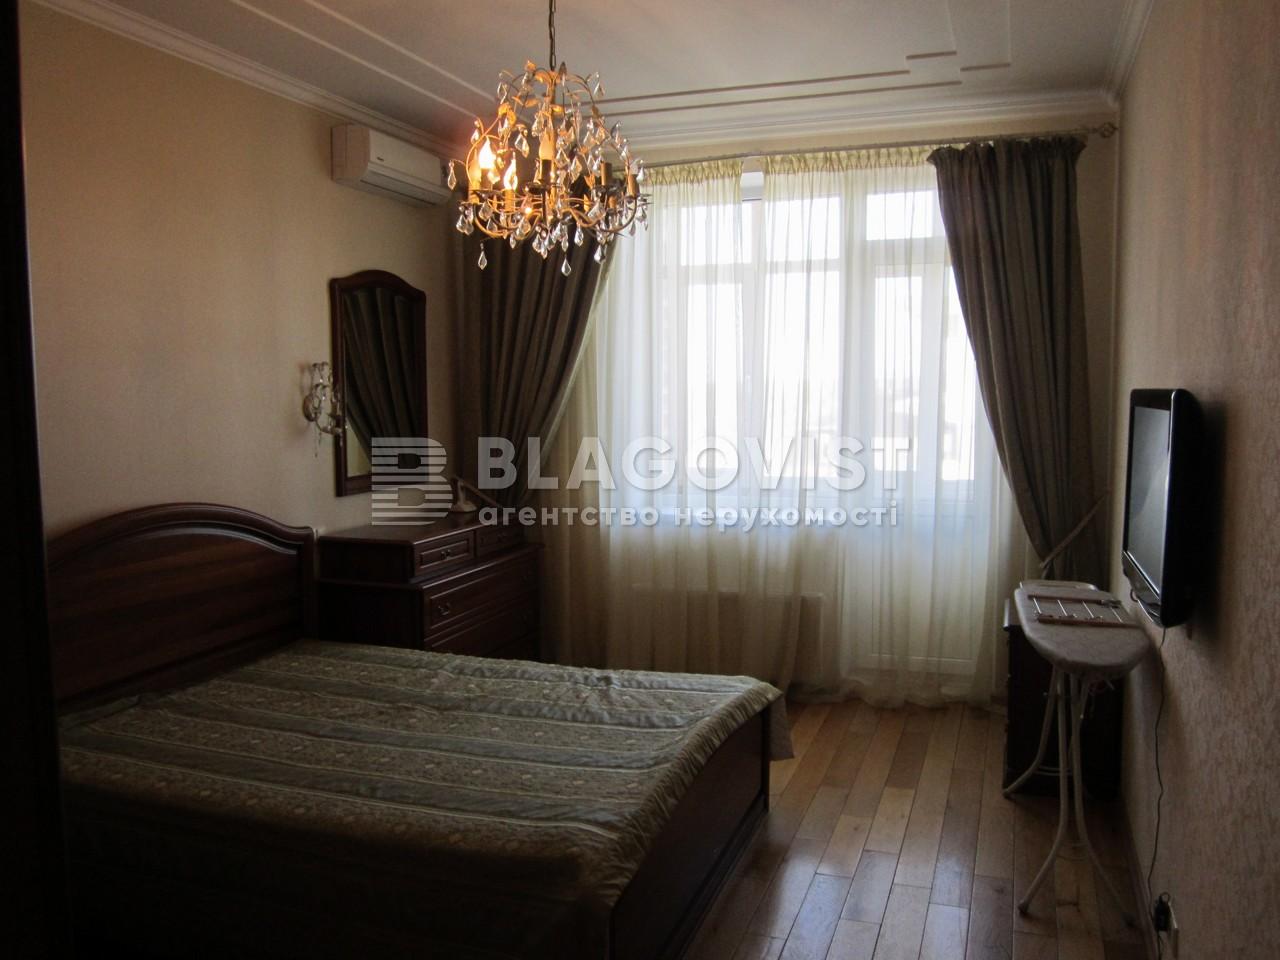 Квартира C-83978, Барбюса Анри, 16, Киев - Фото 9